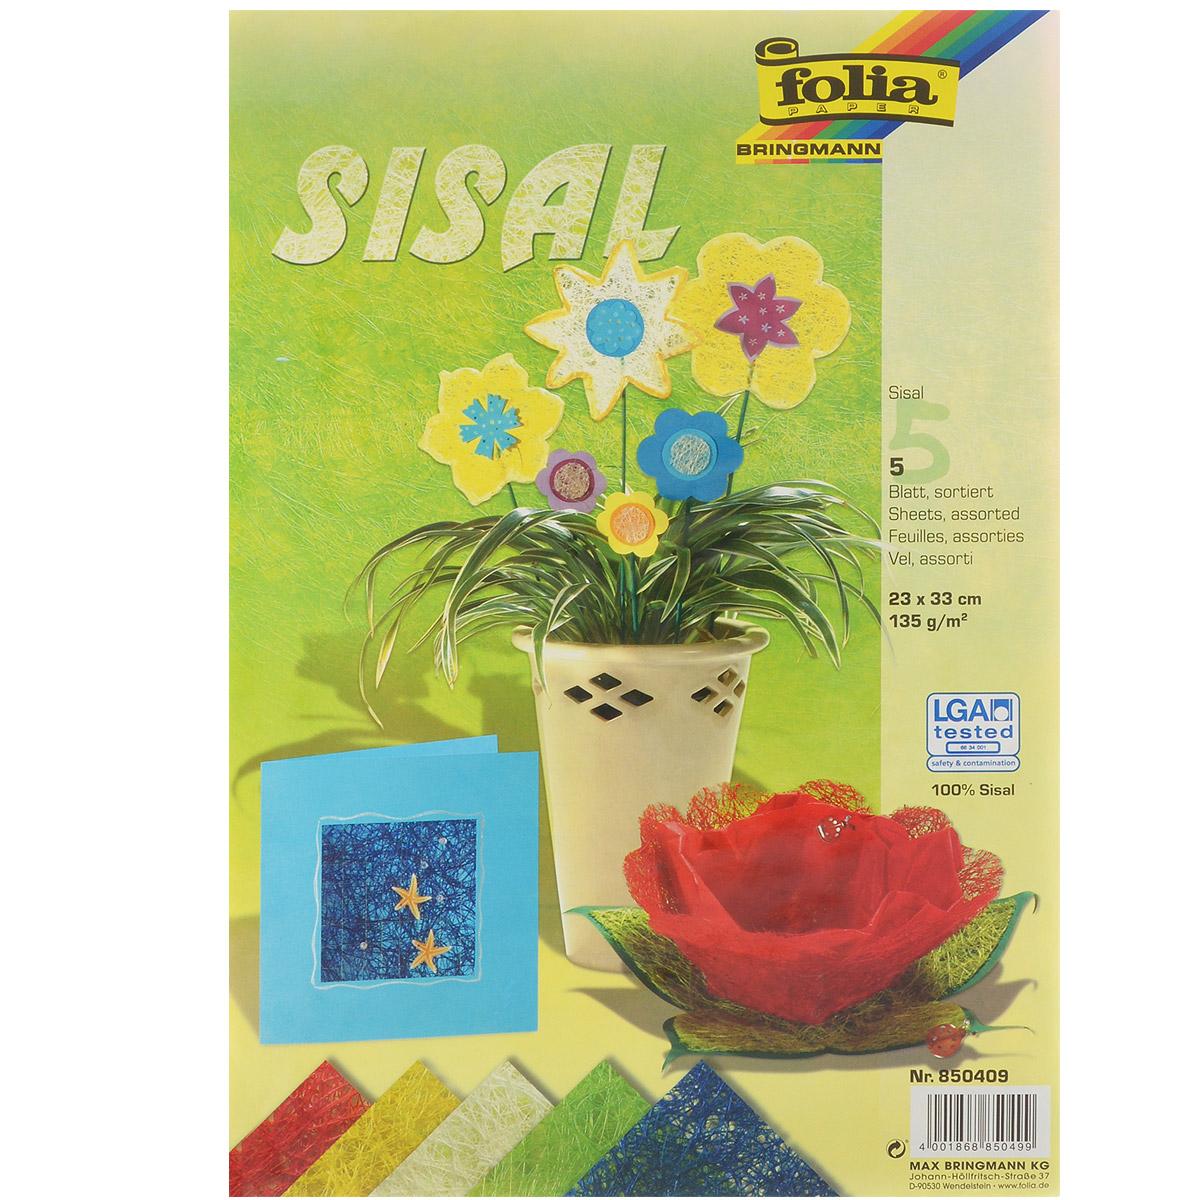 Сизаль листовой Folia, 23 х 33 см, 5 листов. 77080947708094Листовой сизаль Folia является необыкновенным аксессуаром для флористики и упаковки подарков. Это тонкие, прочные волокна, которые изготовляют из листьев агавы. В комплекте - 5 листов сизаля: желтого, зеленого, синего, красного и молочного цветов.Сизаль окрашивается в различные цвета и затем из его волокон плетут декоративные веревки, украшают металлические каркасы для букетов, используют его в изготовлении корзин. В подарочной упаковке сизаль удачно используют в изготовлении оригинального оберточного материала. Также сизаль используют как наполнитель в коробках. Во многих флористических композициях сизаль создает легкое облако над букетом, придавая воздушность и свежесть цветам. В рождественских декорациях сизаль подчеркивает зимнее настроение коллекций. Такой материал можно комбинировать с различными аксессуарами, как с природными - веточки, шишки, скорлупа, кора, перья так и с искусственными - стразы, бисер, бусины. Уникальная токая структура волокон позволят создавать новые формы. Размер листа: 23 см х 33 см х 0,2 см.